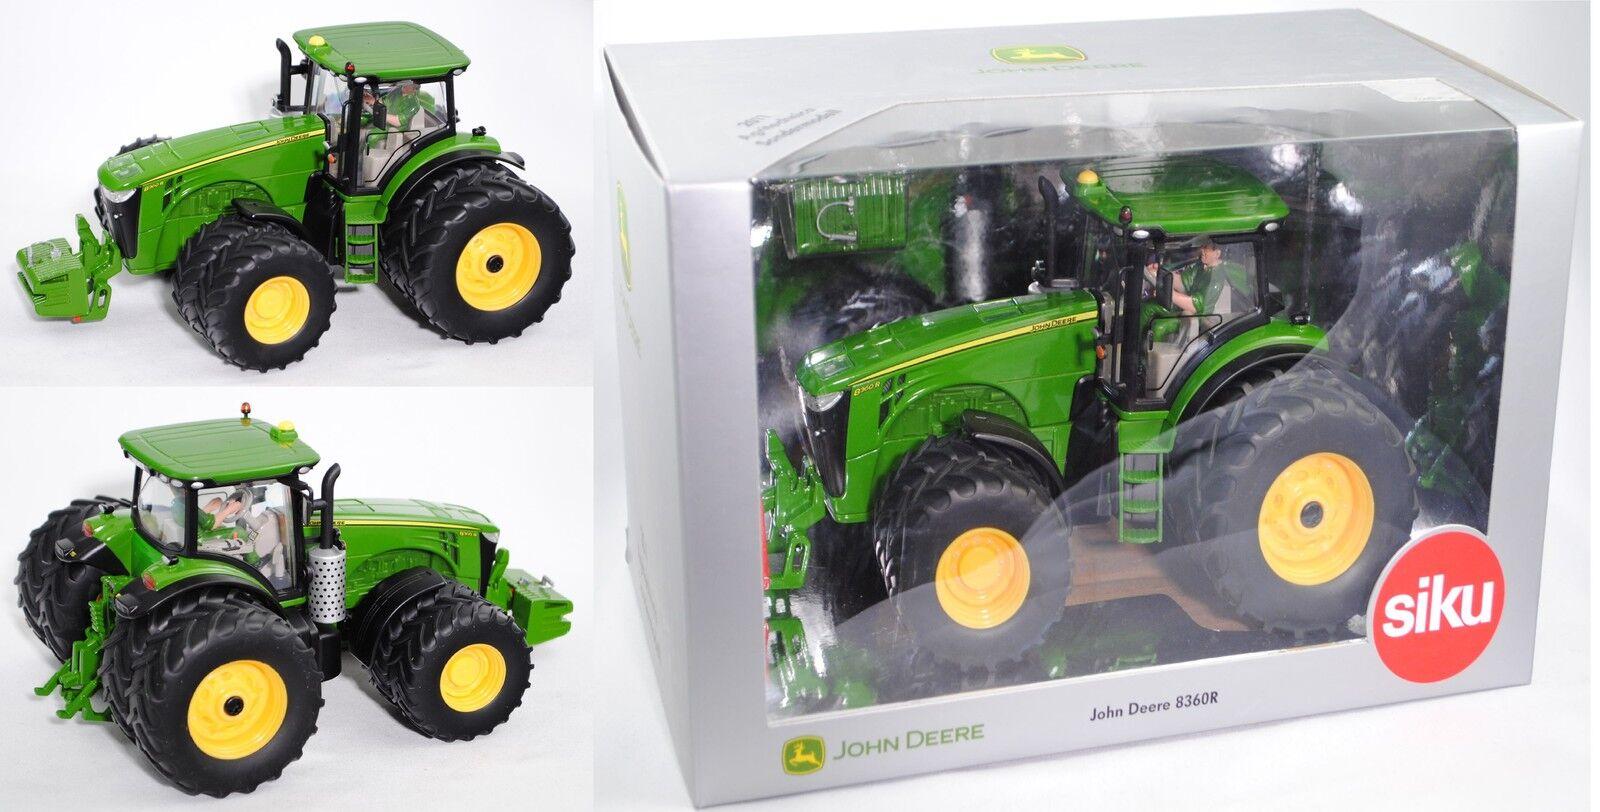 SIKU FARMER FARMER FARMER 3272 John Deere 8360r Tracteur à roues jumelées Spécial Modèle 1:32 | Nouveaux Produits  787340